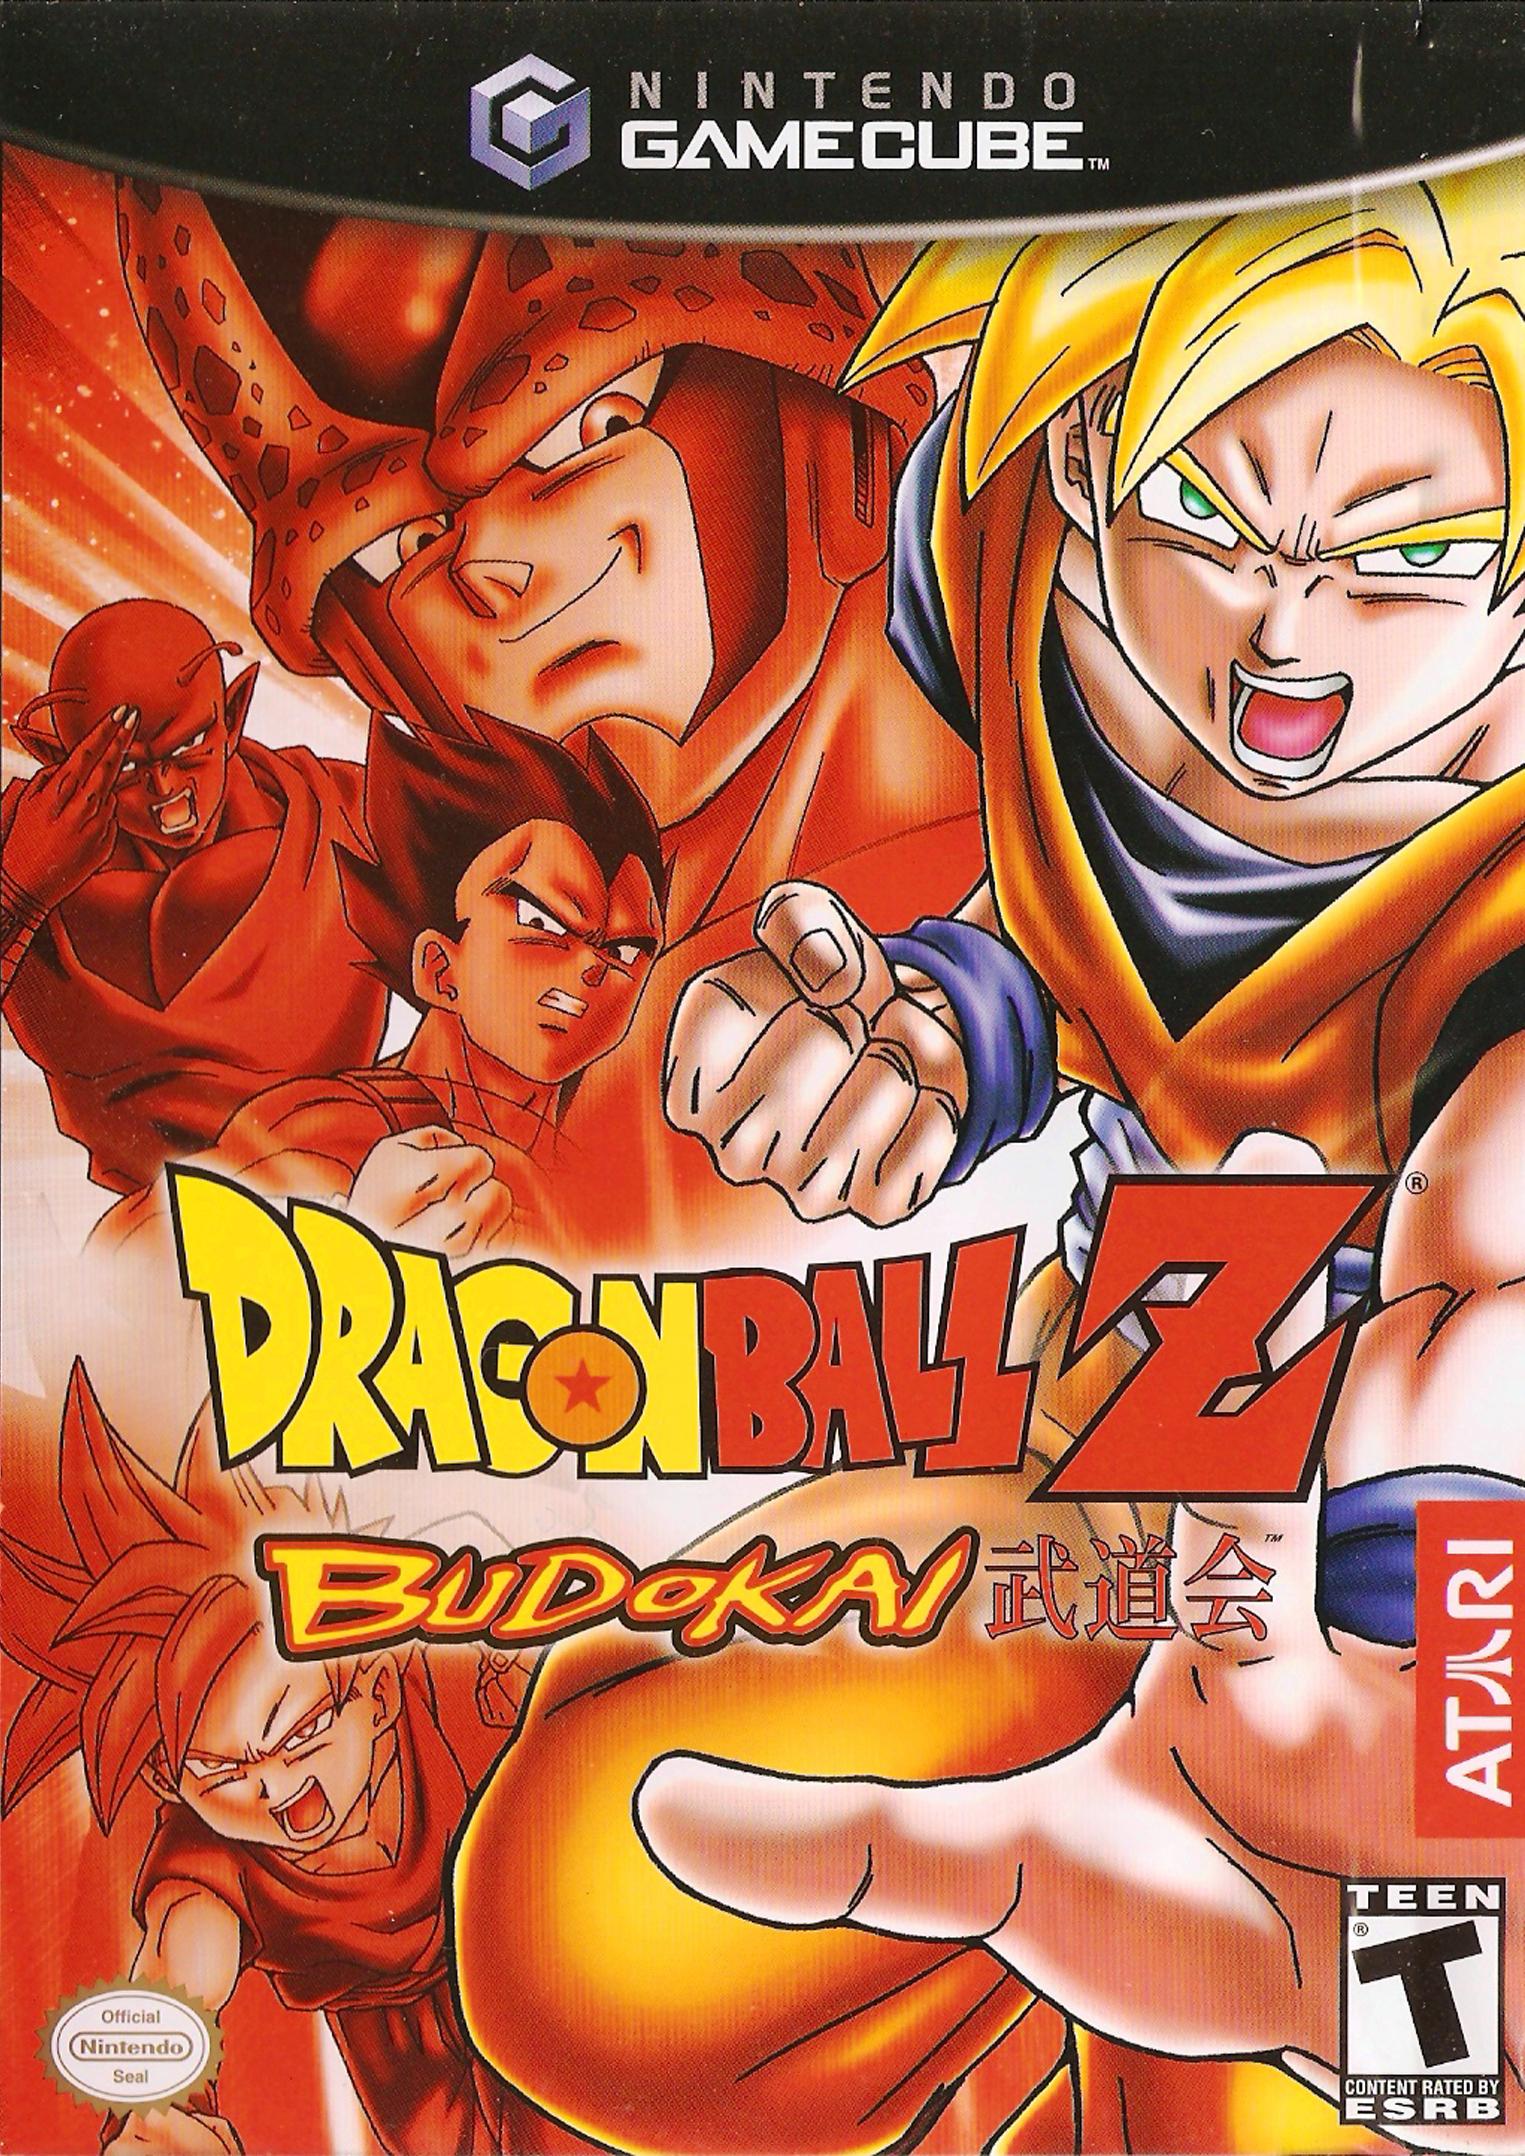 Dragon Ball Z Budokai/GameCube